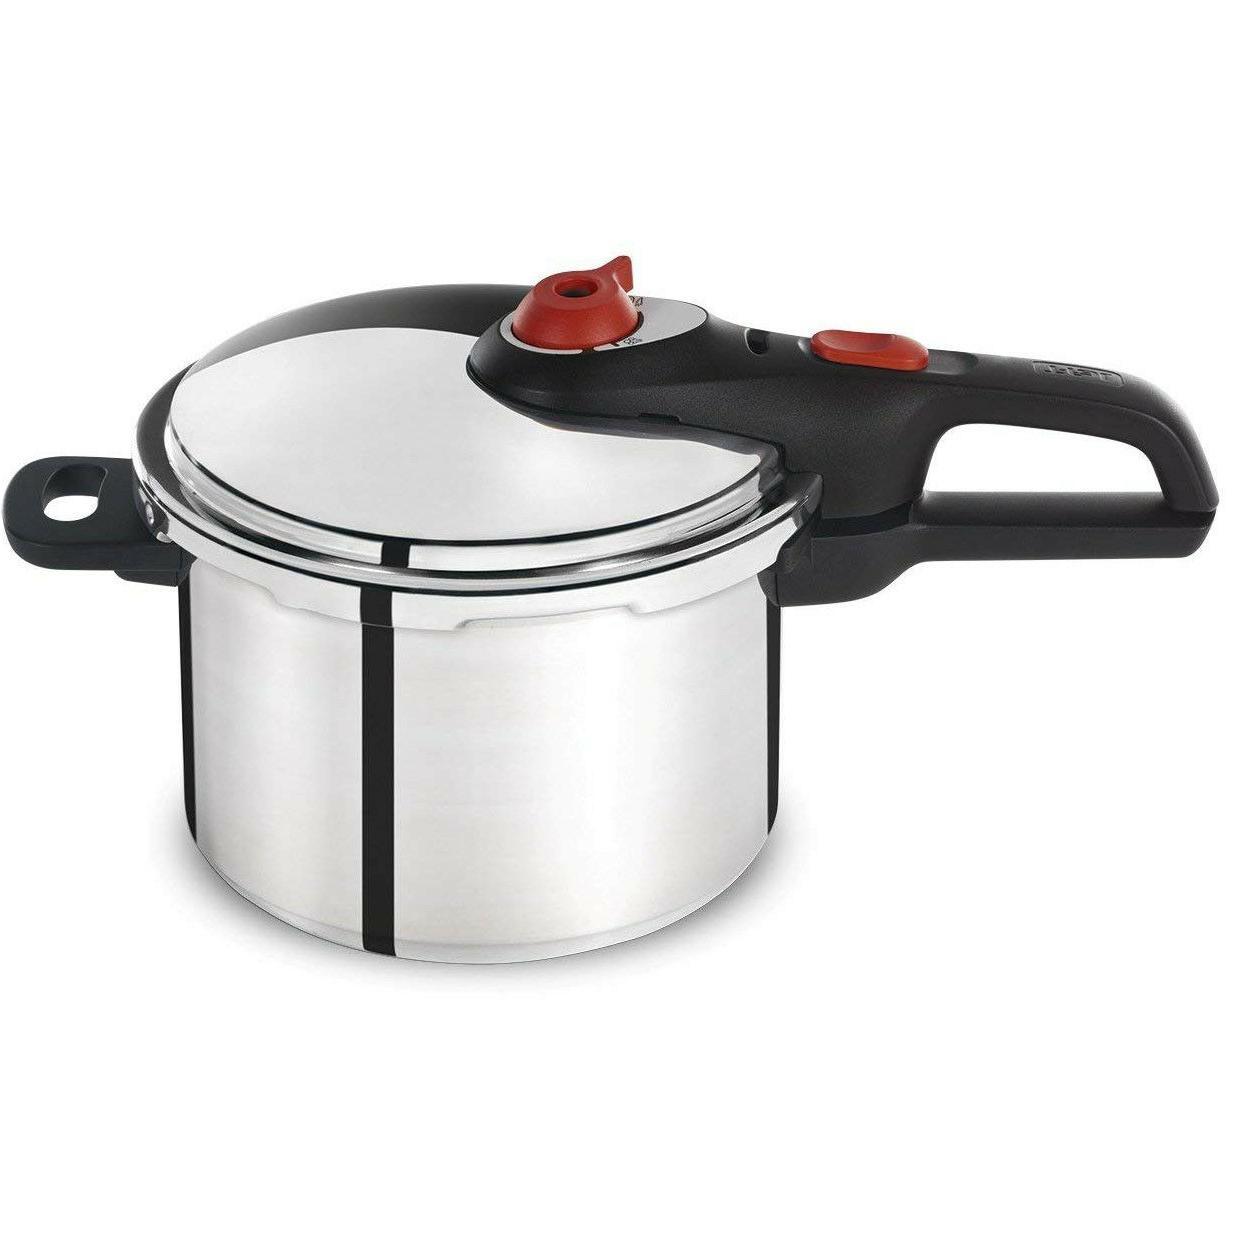 t fal pressure cooker 6 quart aluminum